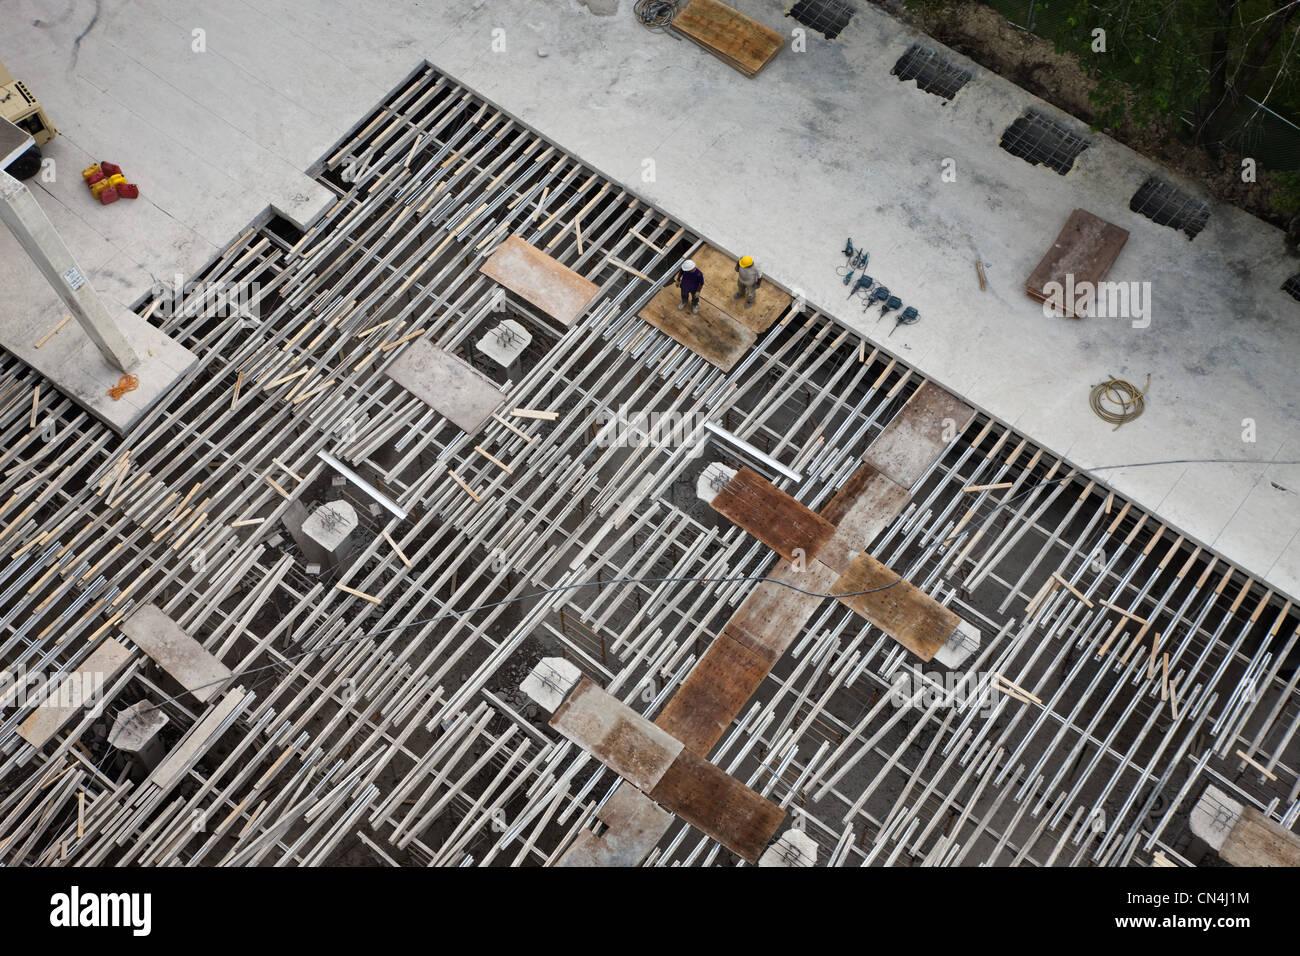 Baustelle, von oben gesehen Stockbild